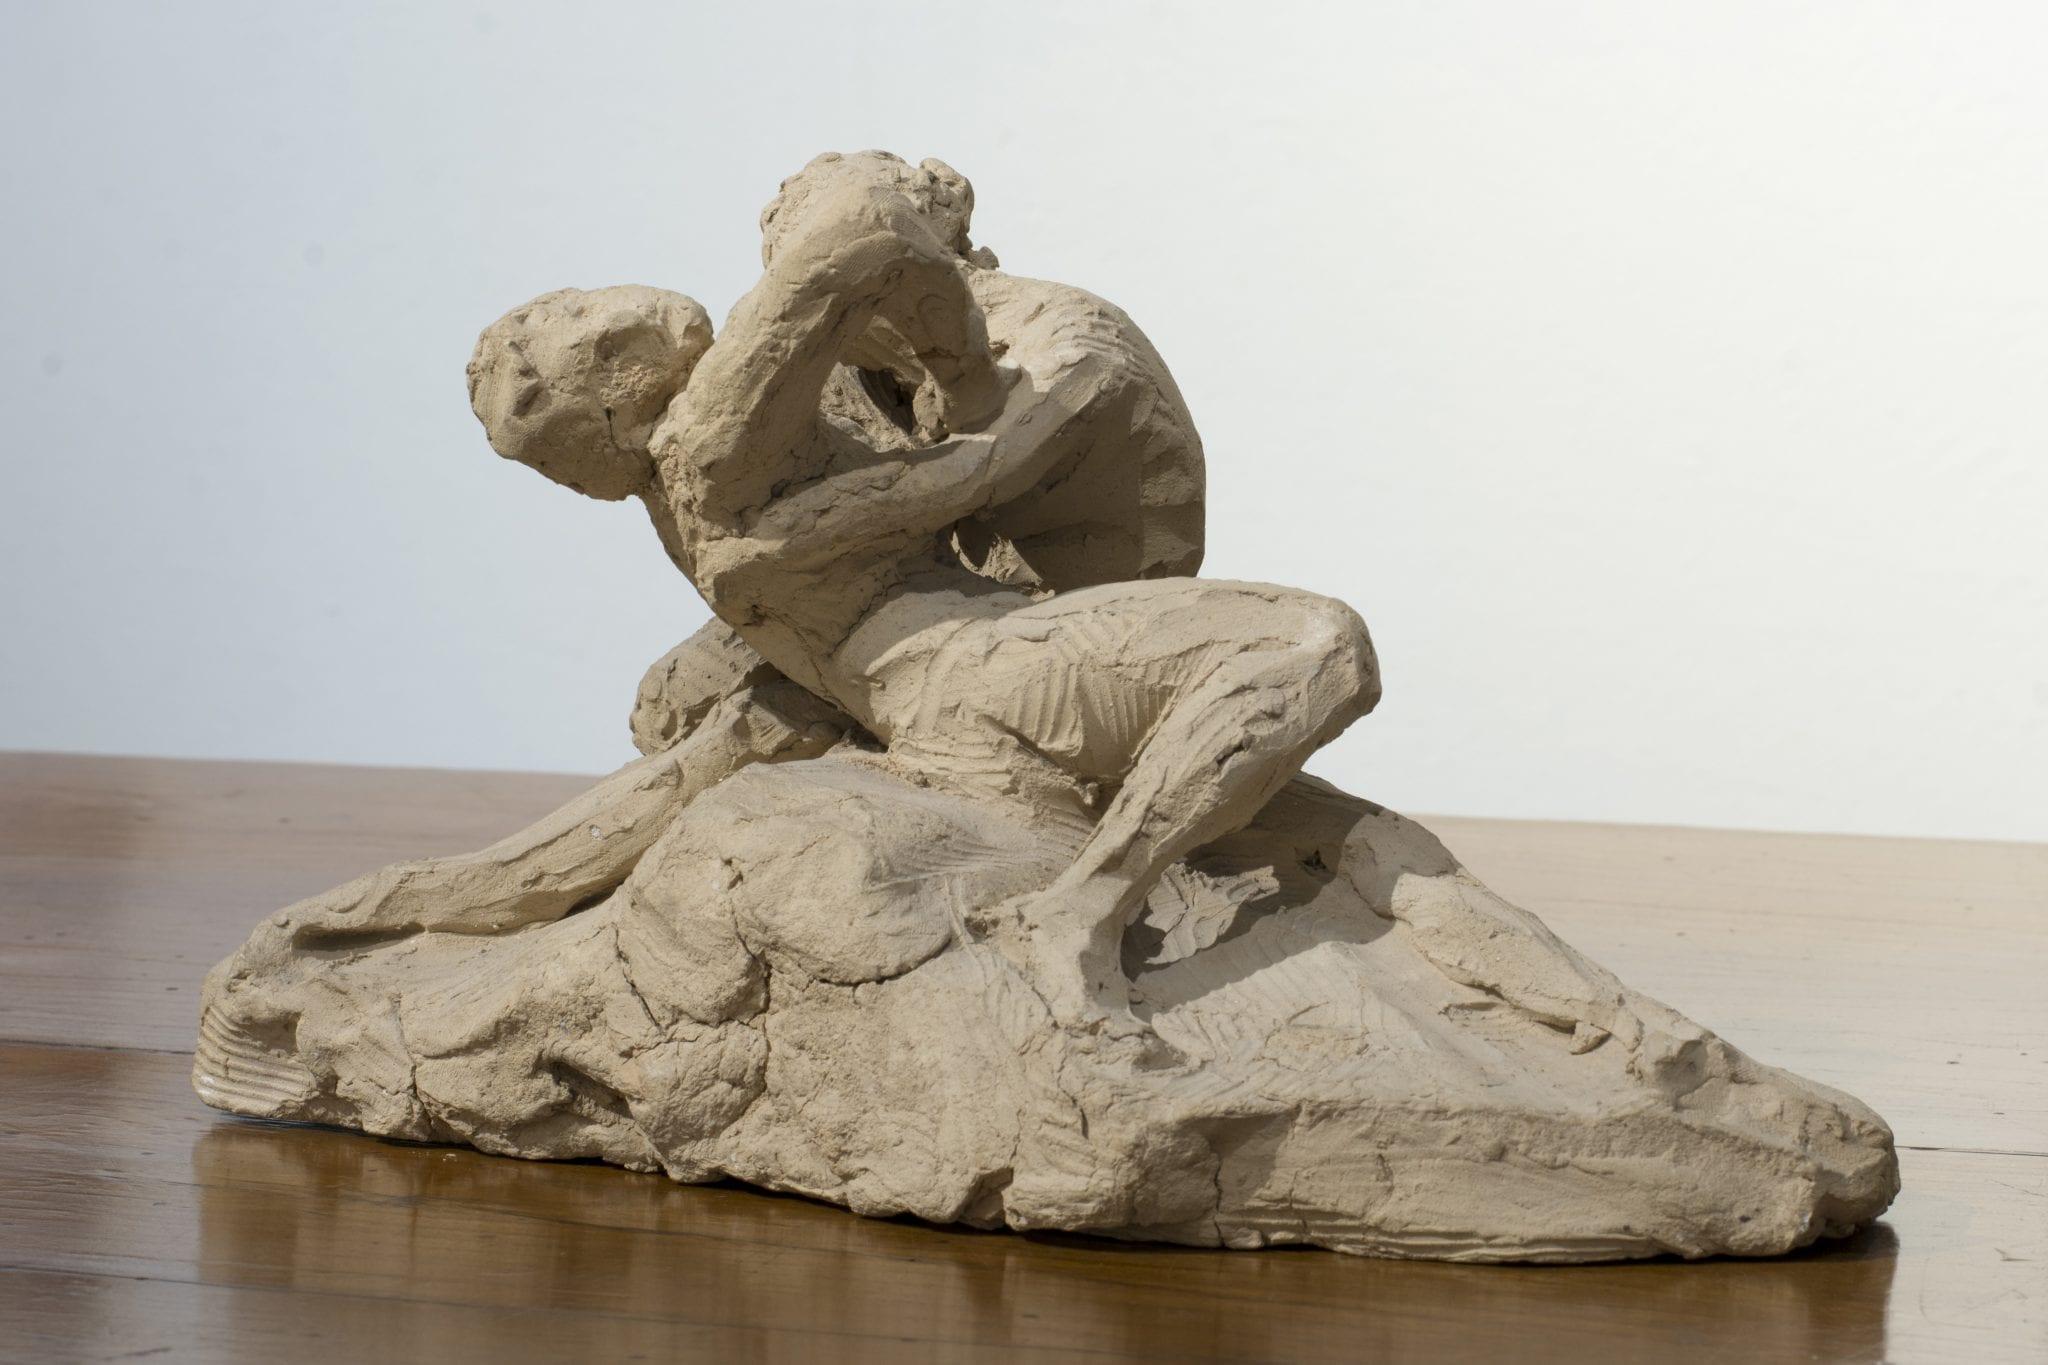 Il marmo colto e seducente di Antonio Canova in una grande mostra a Napoli